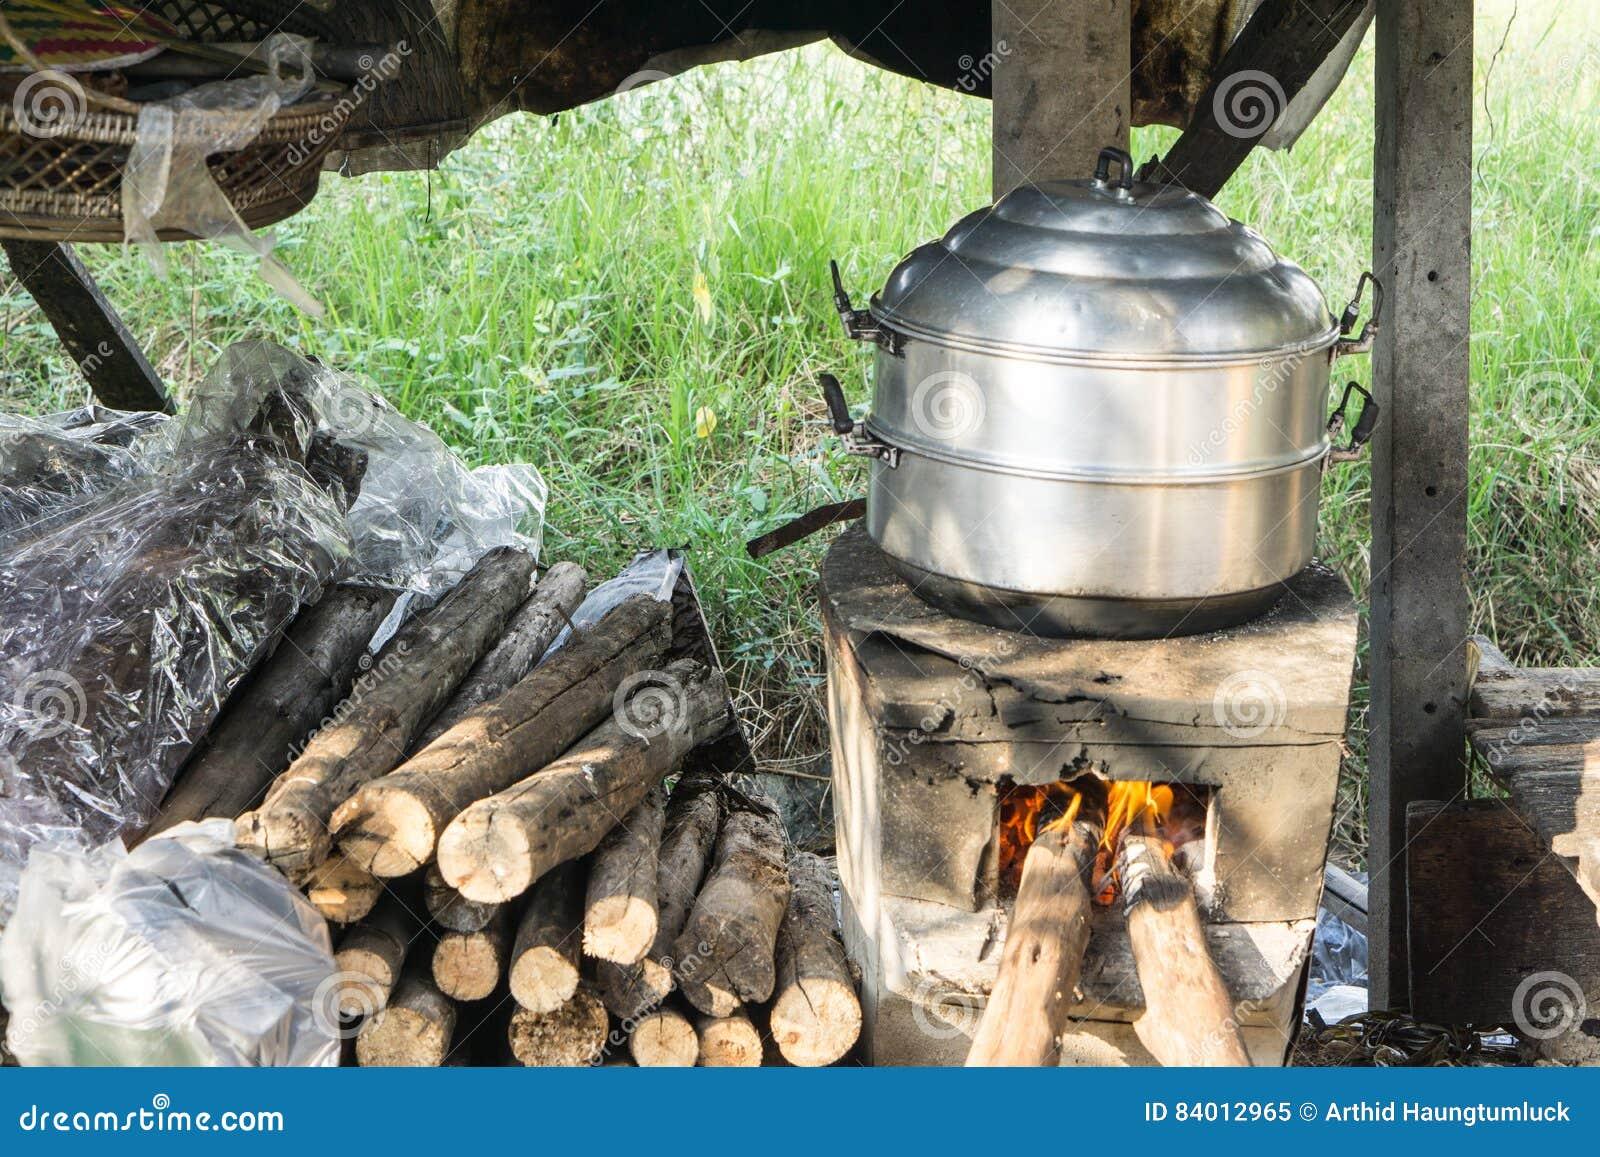 Thaise het koken stijl stoompot op uitstekend lokaal brand fornuis